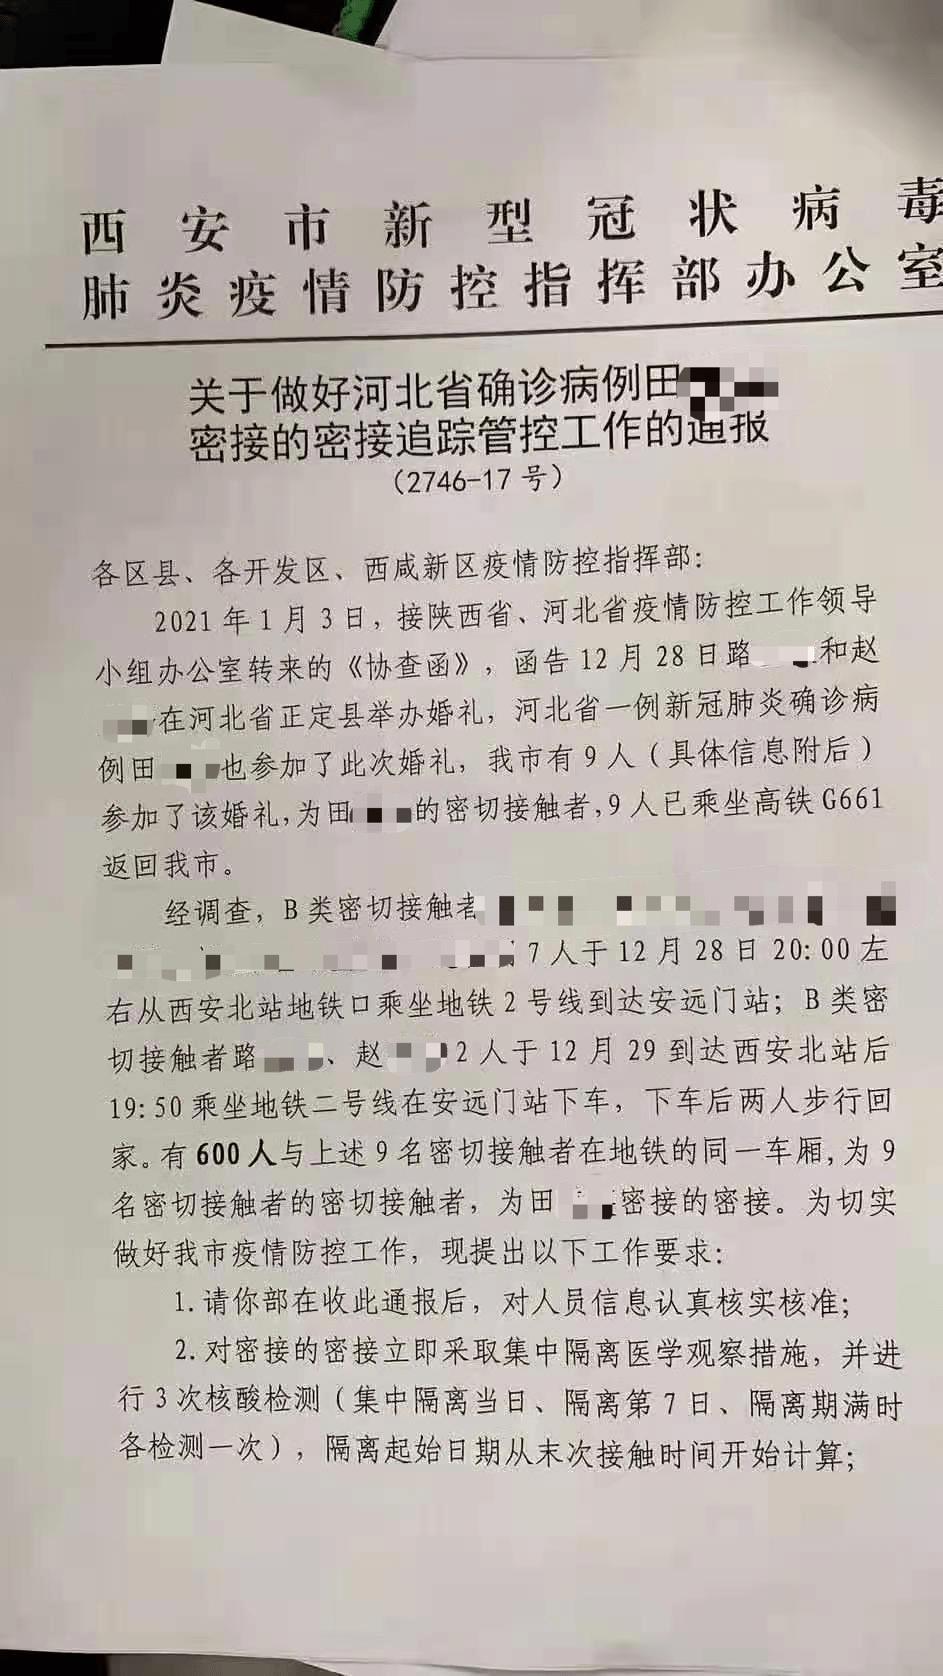 西安9人赴河北参加婚礼成密接者,官方:情况属实,已管控